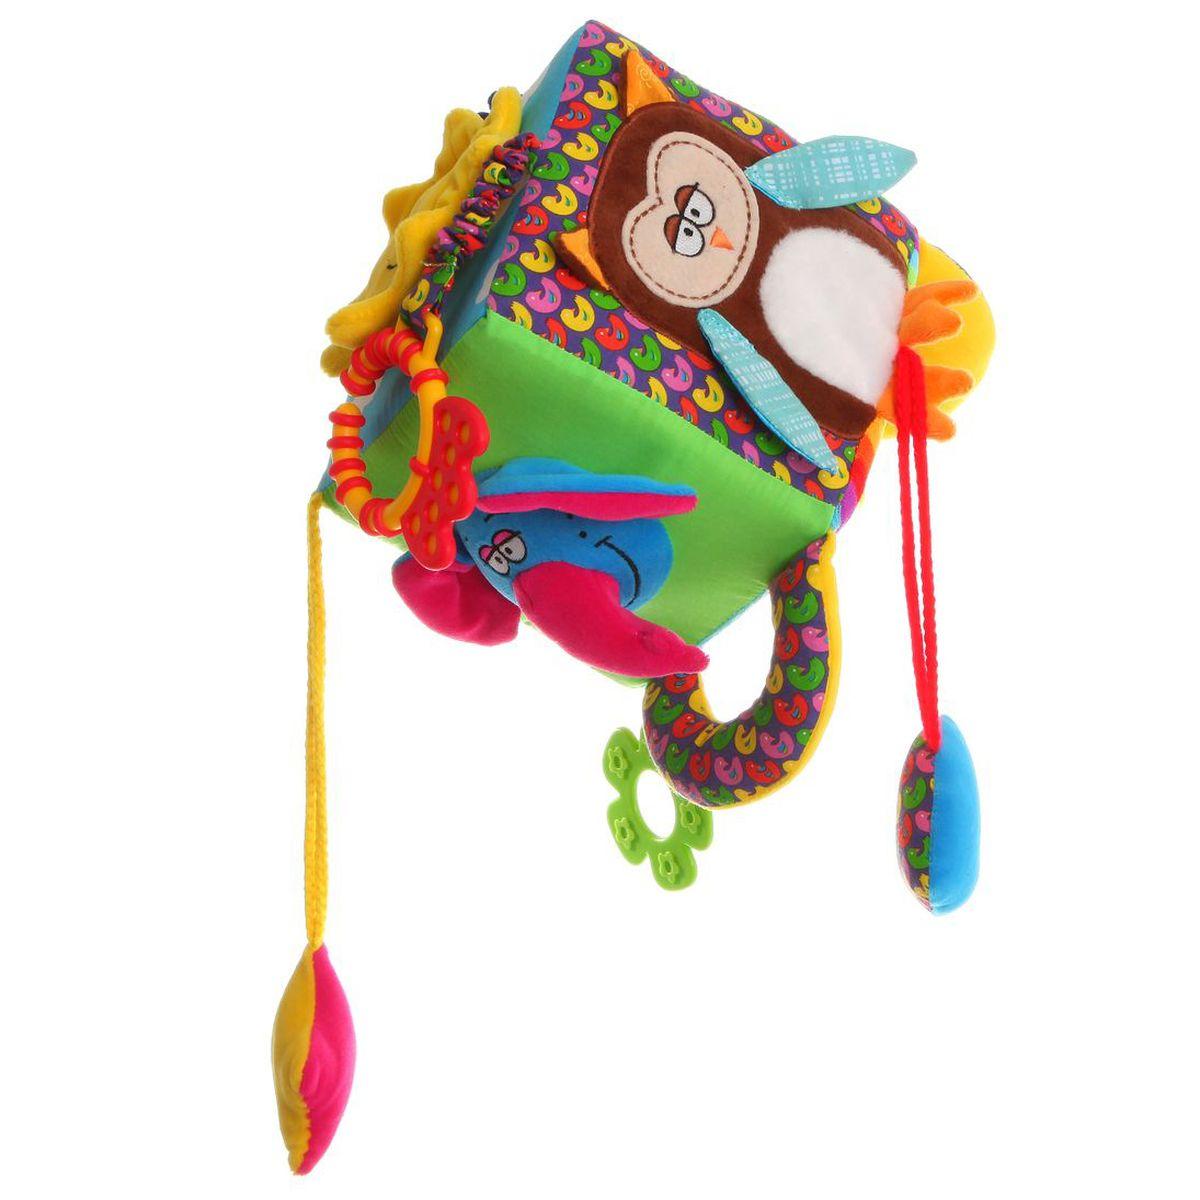 Bondibon Мягкая развивающая игрушка КубВВ1279Мягкие развивающие игрушки, детали которых выполнены из безопасных материалов, являются первыми учителями детей. Именно такие игрушки расскажут малышам об окружающем мире. Они развивают зрение, слух, и передают малышами их первые тактильные ощущения. Подвесная игрушка куб на каждой своей плоскости имеет определенное изображение: солнышко, слон и сова издают шелестящие звуки, подвесное сердечко умеет пищать. На одной из граней куба расположены зеркало и прорезыватель для зубов, выполненные из качественных и безопасных материалов.